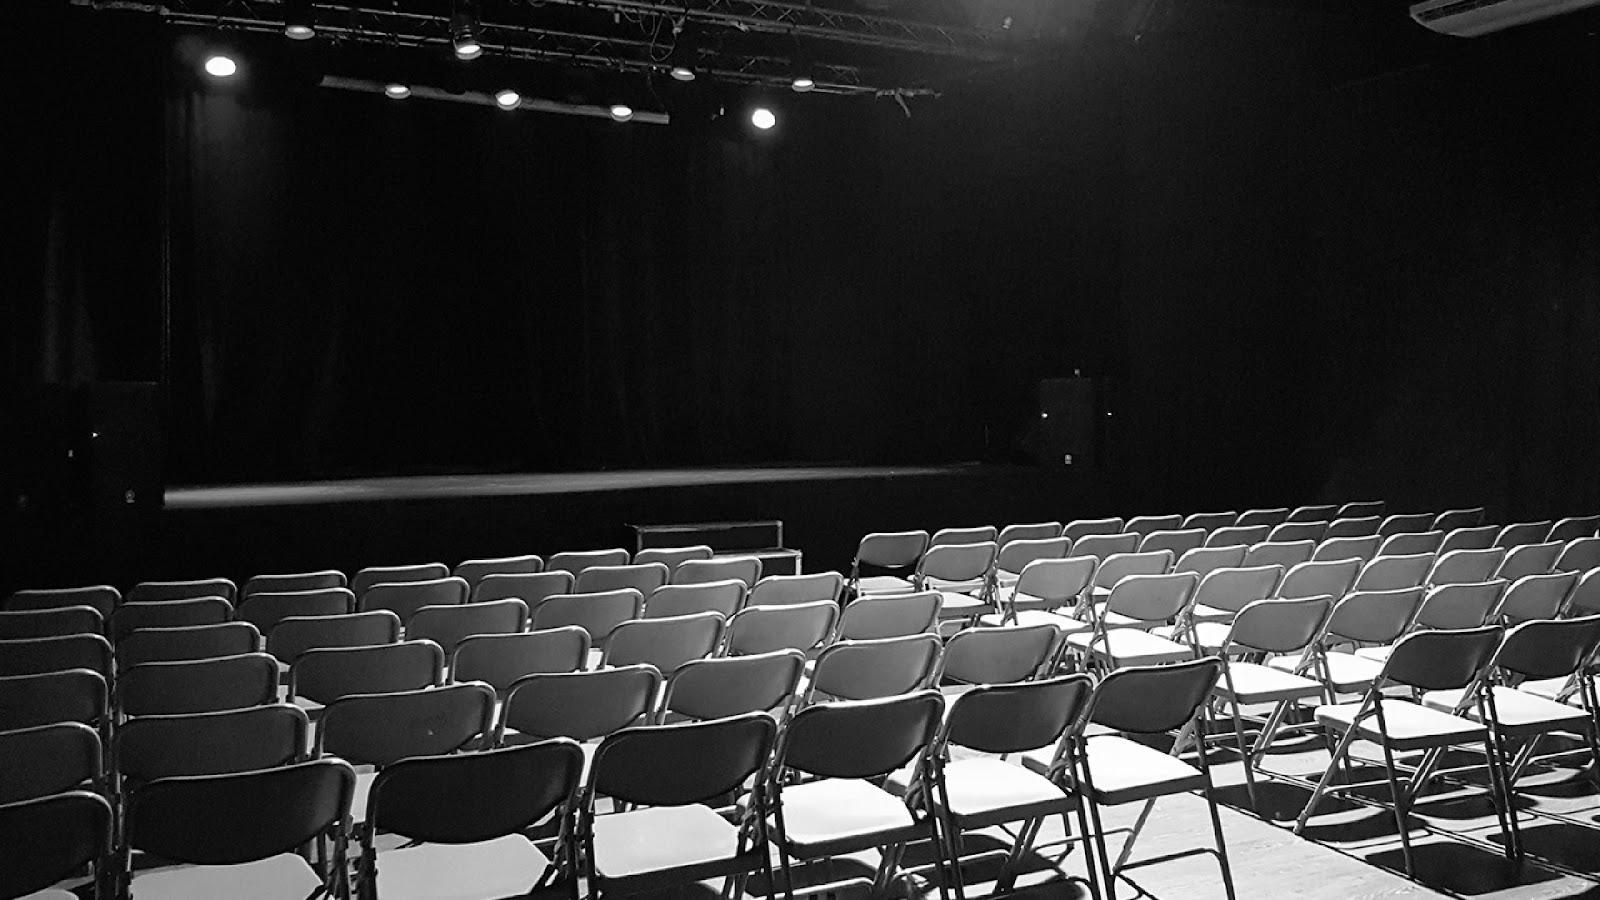 sala de conciertos la cochera cabaret